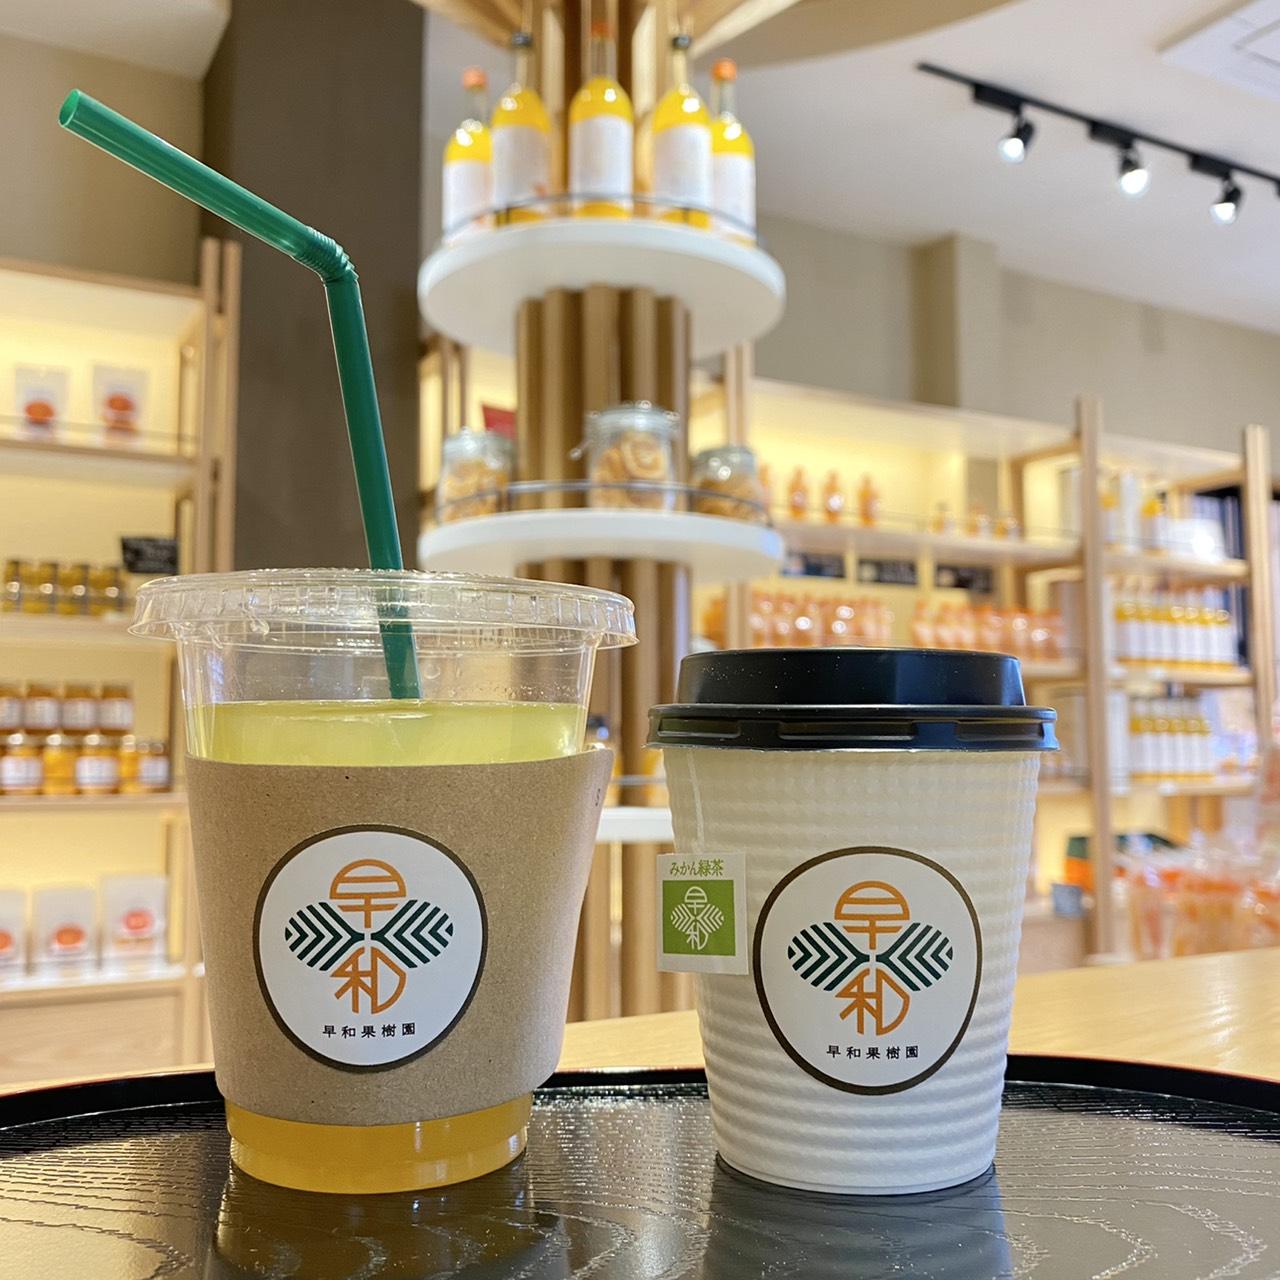 テイクアウトのカフェメニュー 果樹園のみかん緑茶 (左)アイス150円 (右)ホット100円